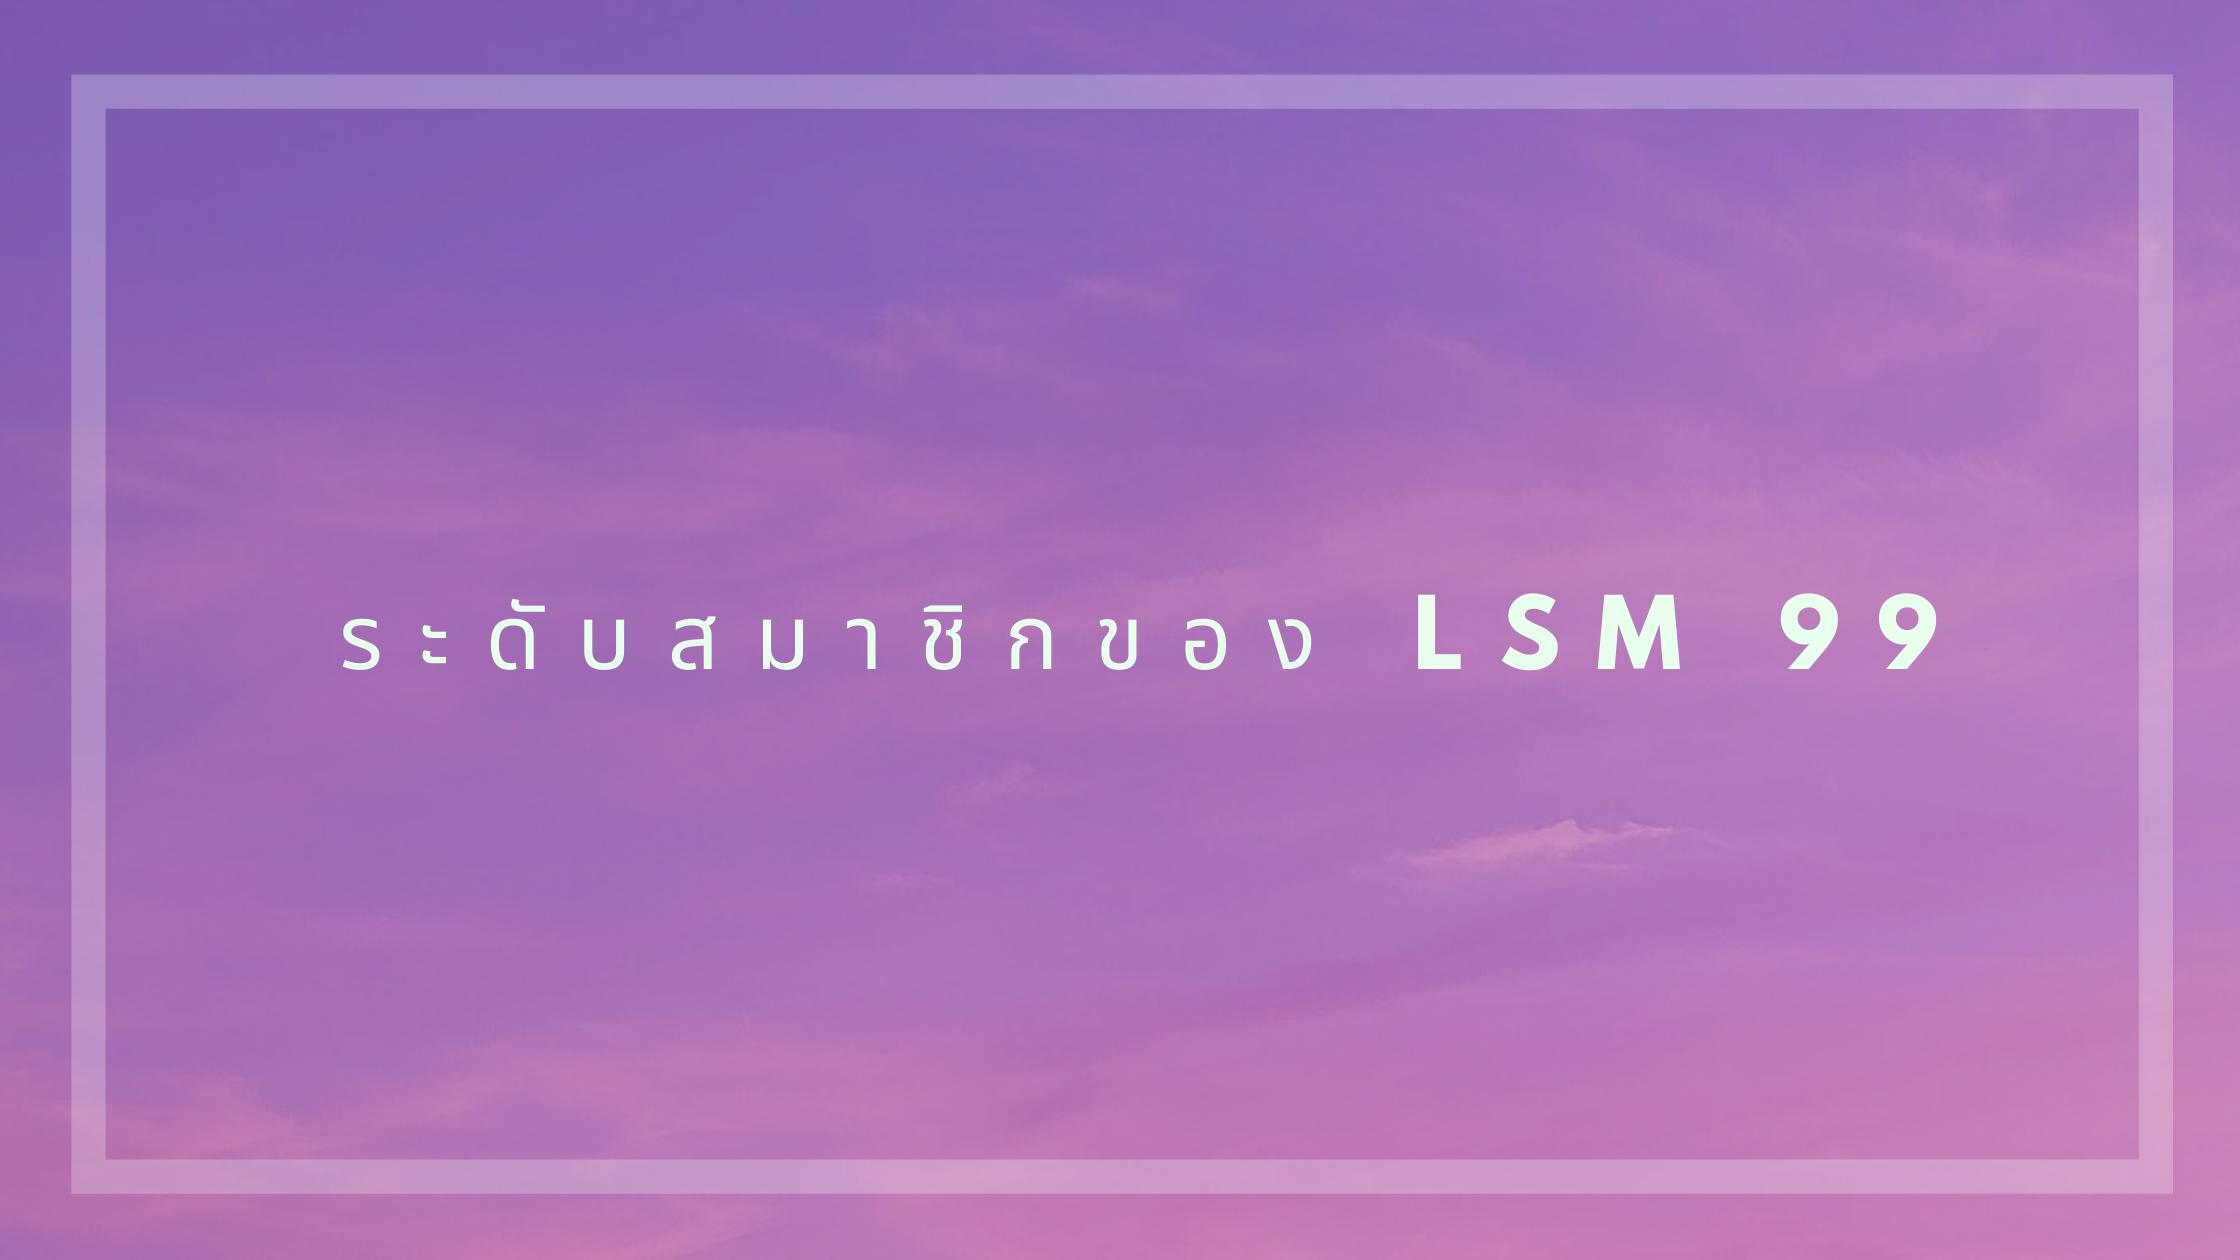 ระดับสมาชิกของ lsm 99